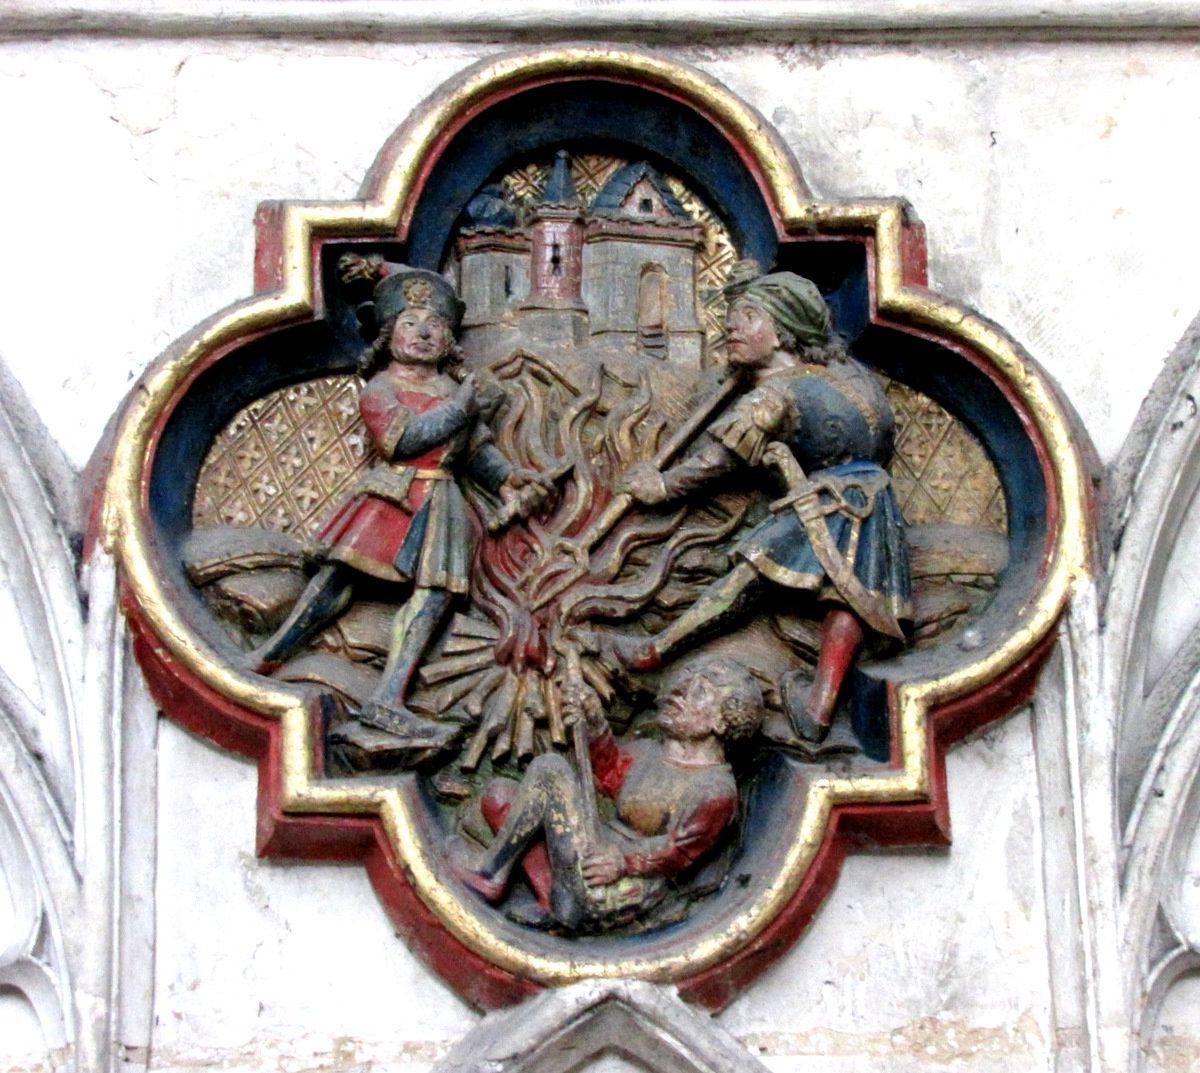 Histoire des reliques de St Jean Baptiste, cathédrale d'Amiens